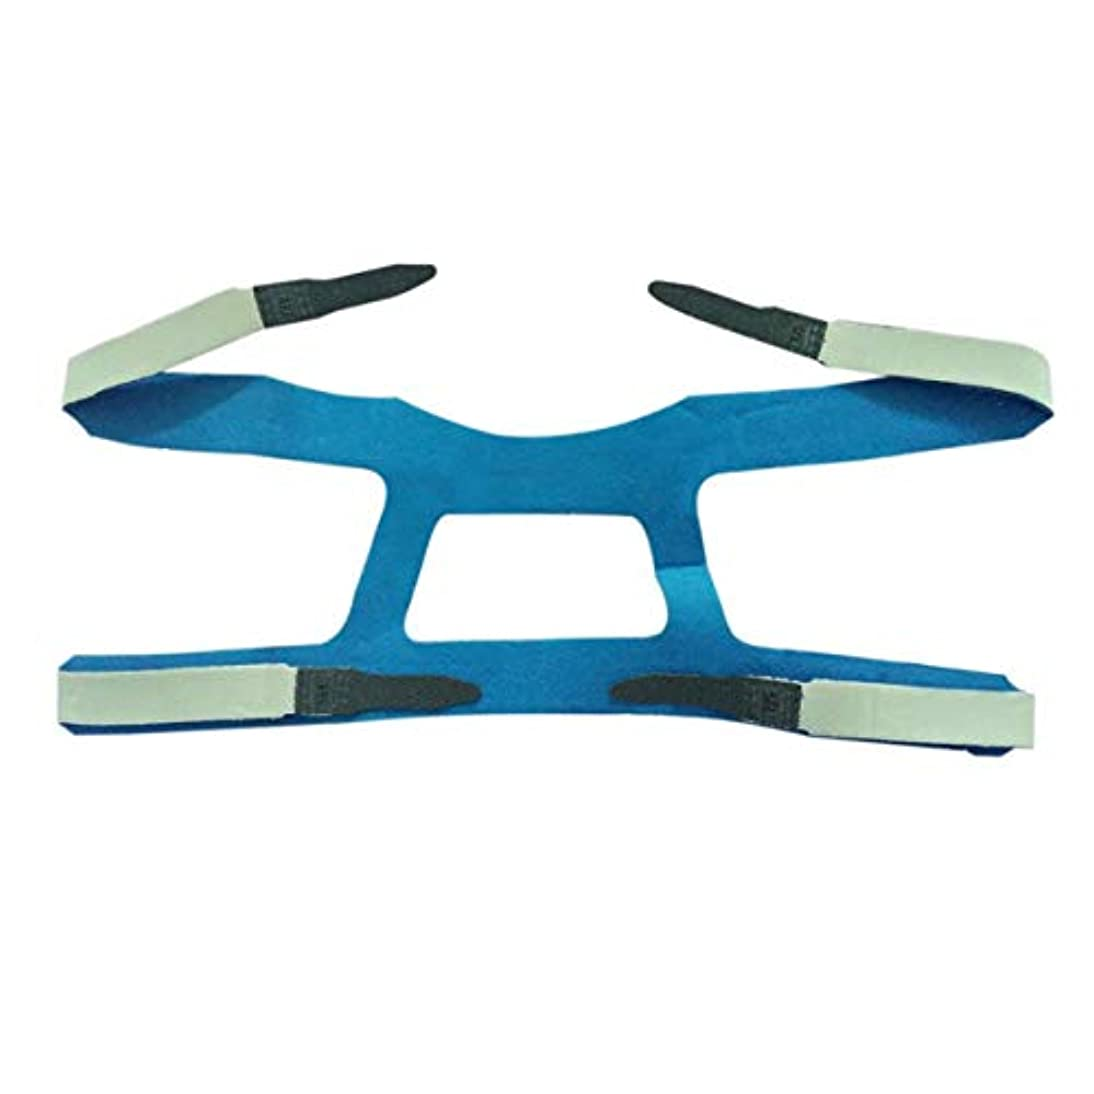 判定ほとんどないショットユニバーサルデザインのヘッドギアコンフォートゲルフルマスク安全な環境交換CPAPヘッドバンドなしPHILPS